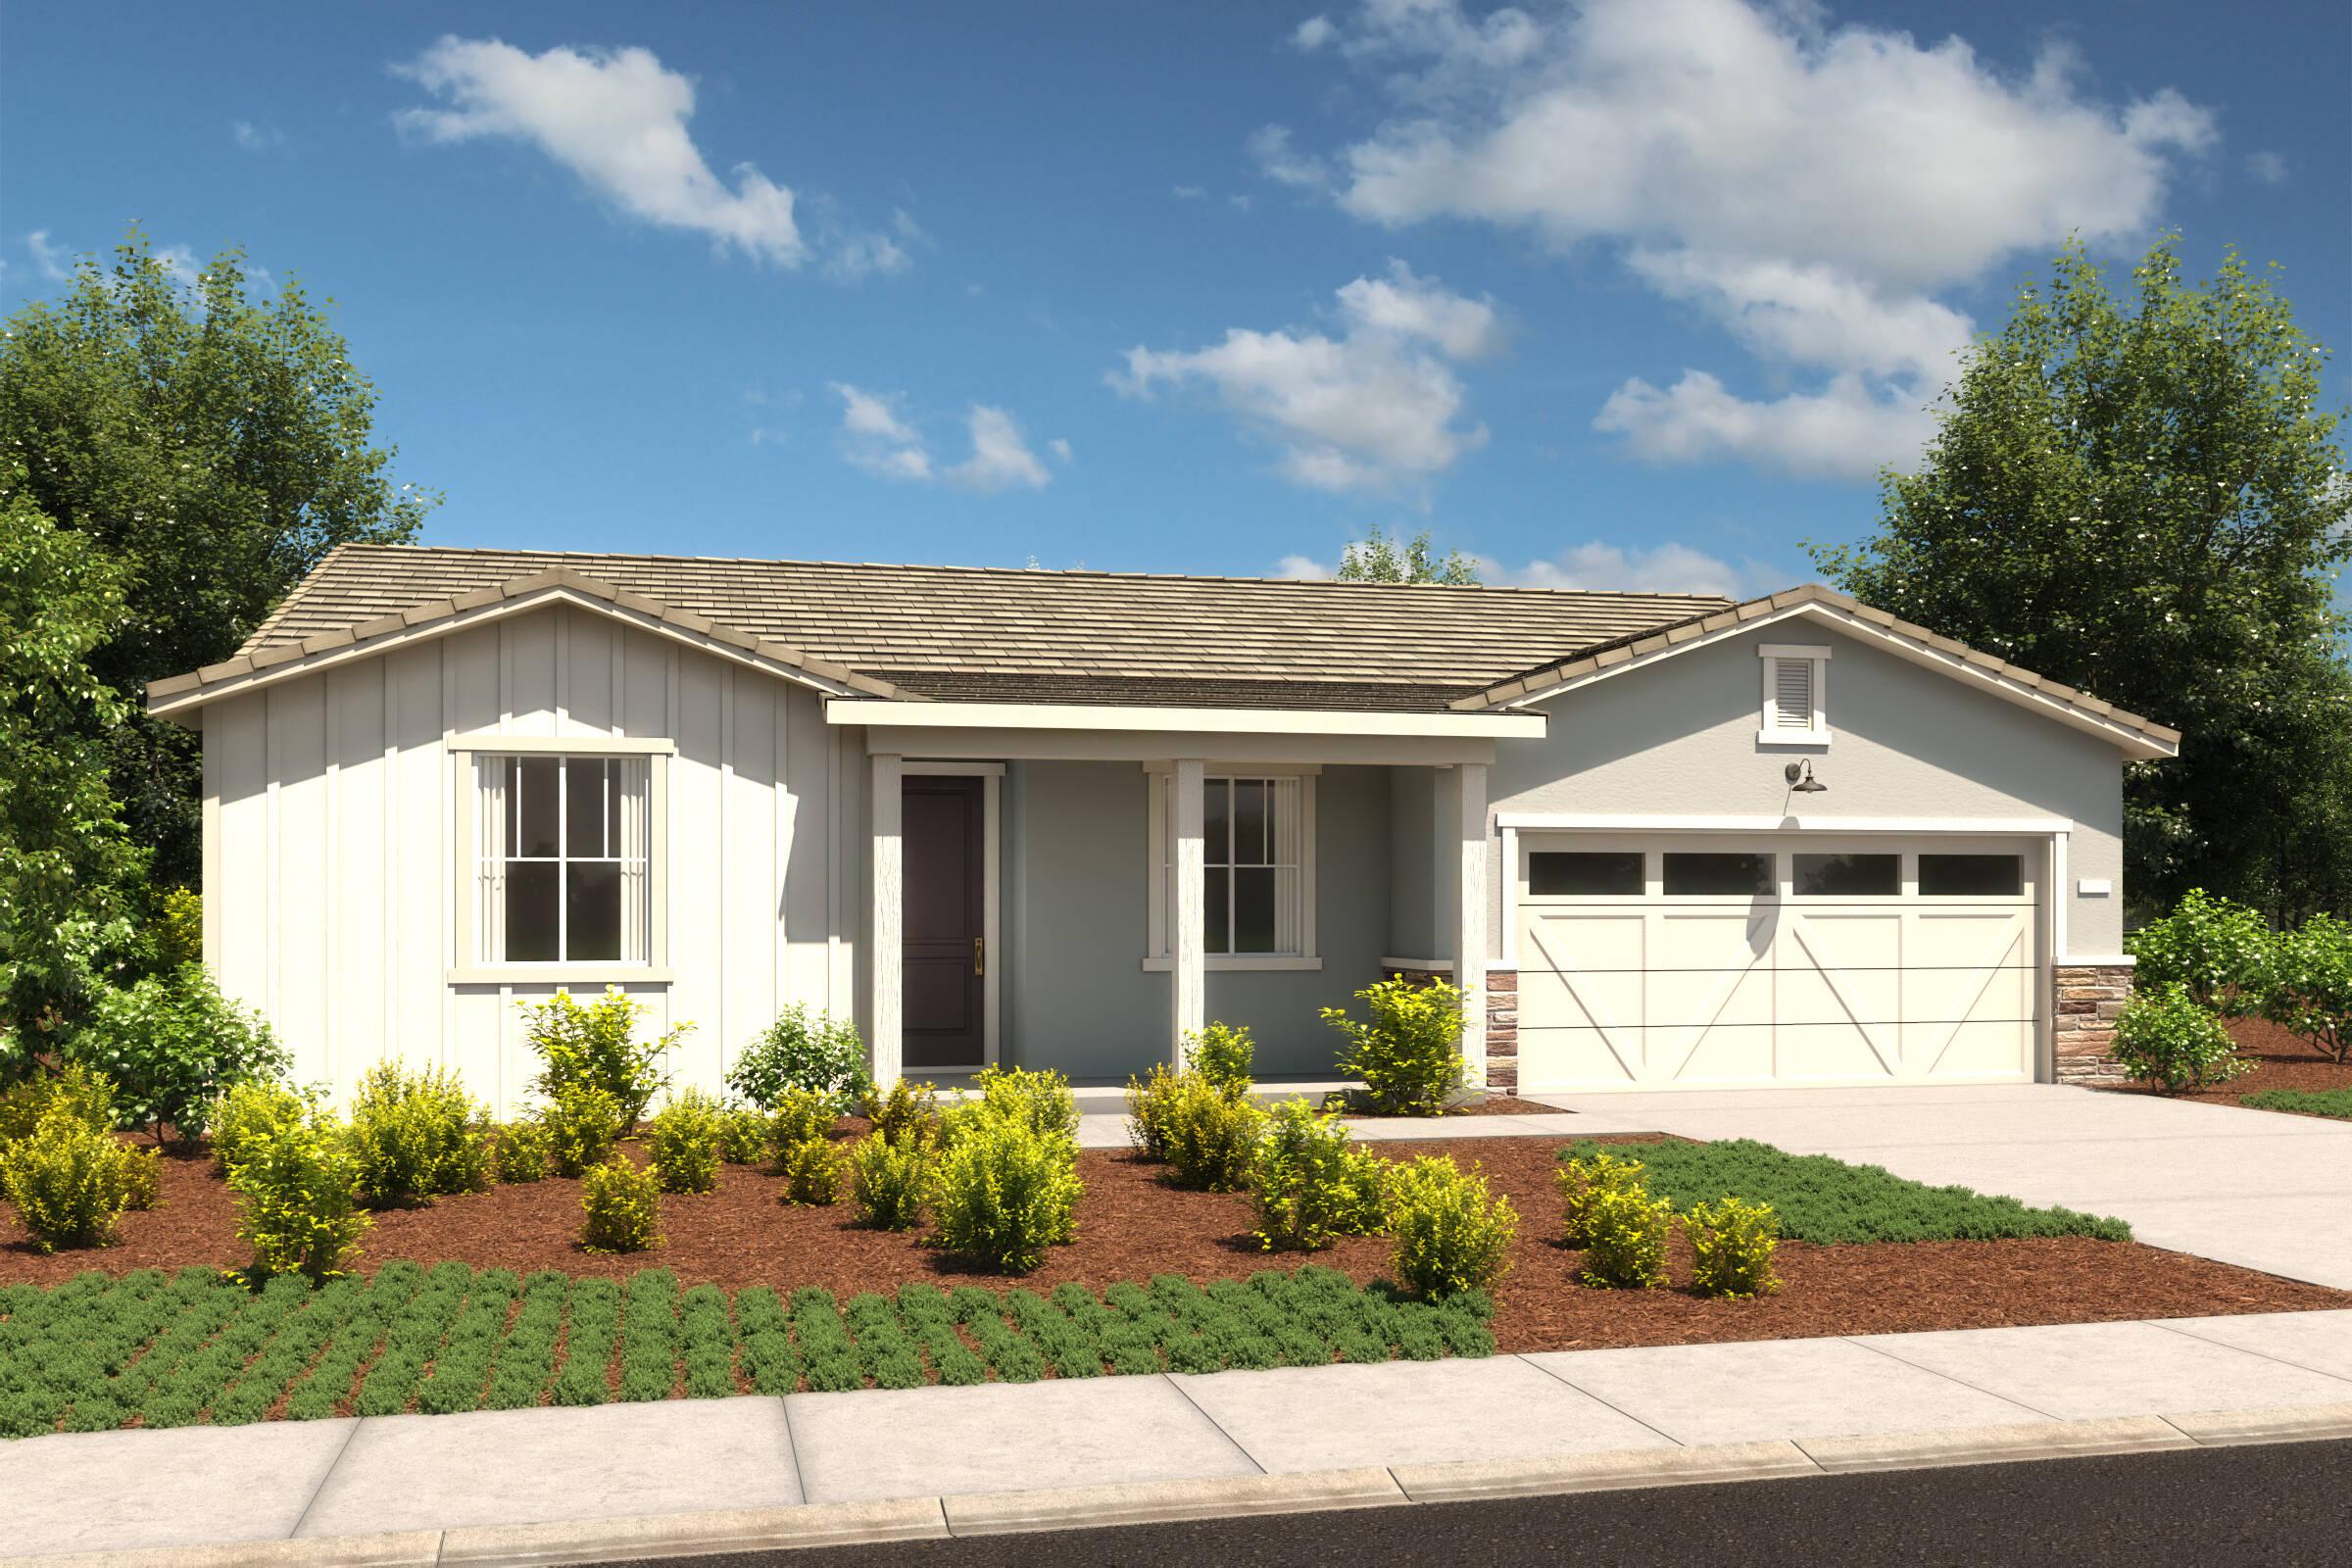 5030 coralroot b american farmhouse new homes rio del oro